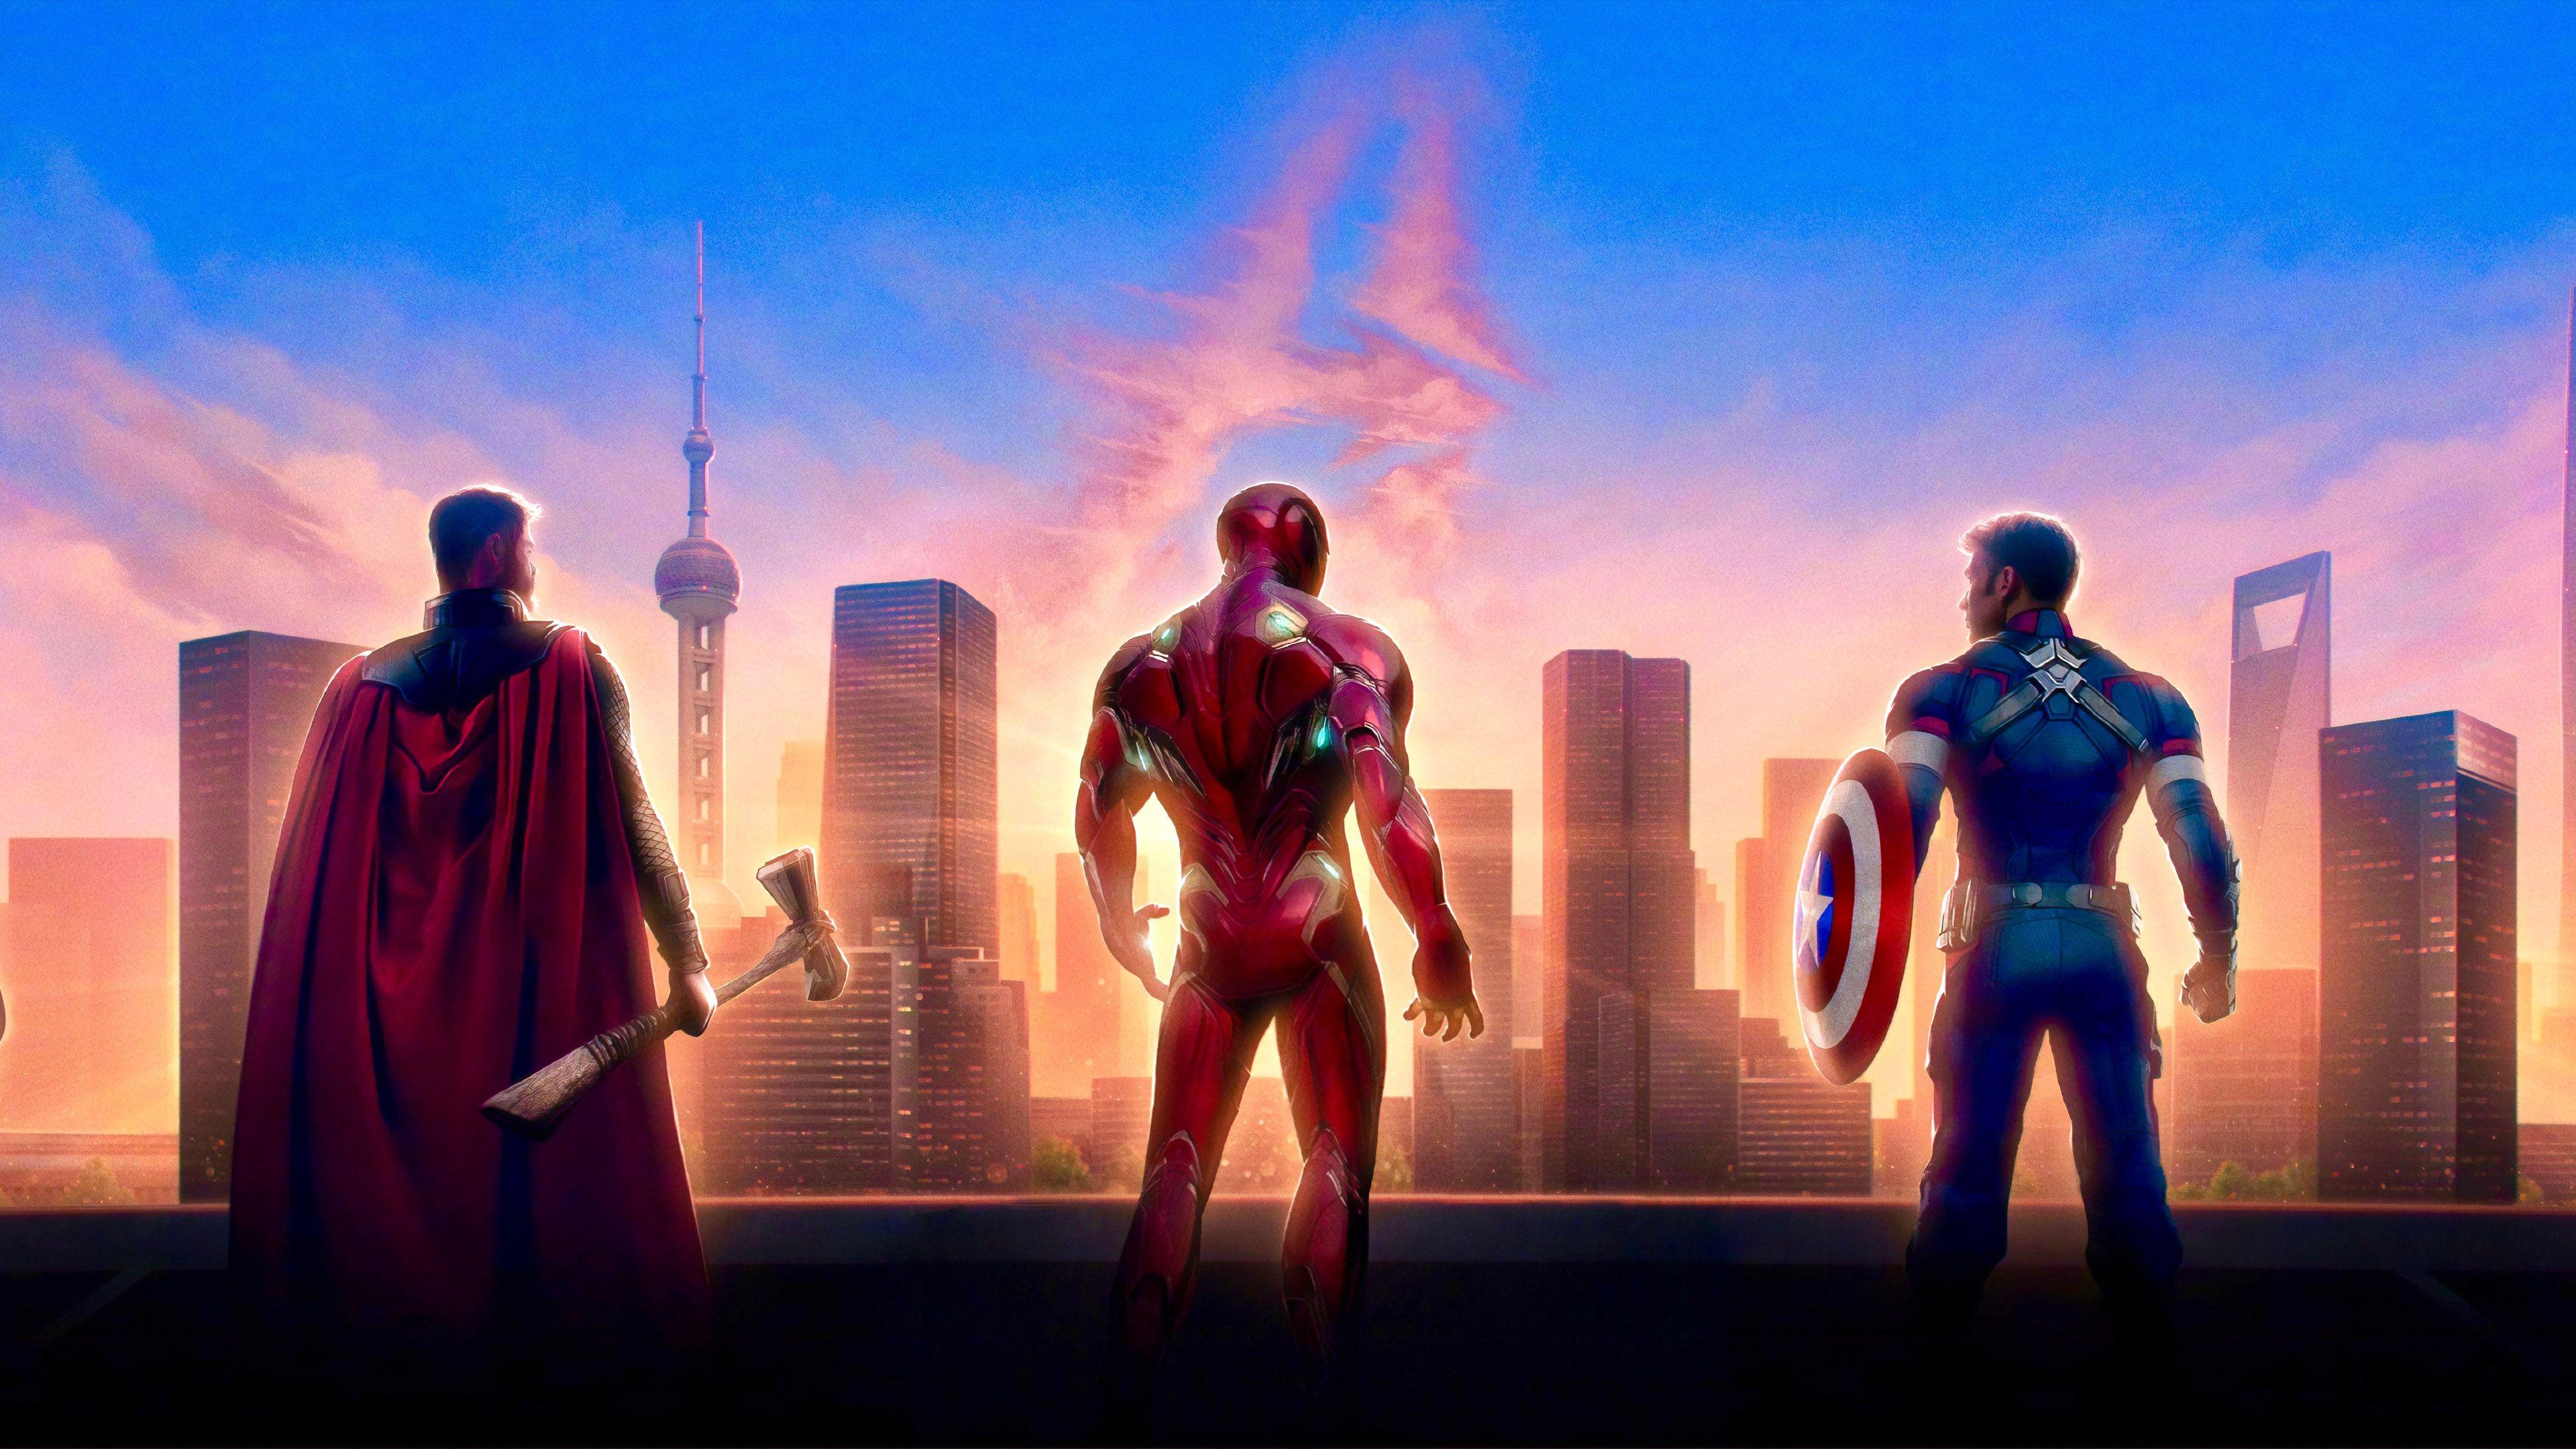 Fantasy Art Desktop Wallpaper Hd 3d Avengers Superhero Poster Thor